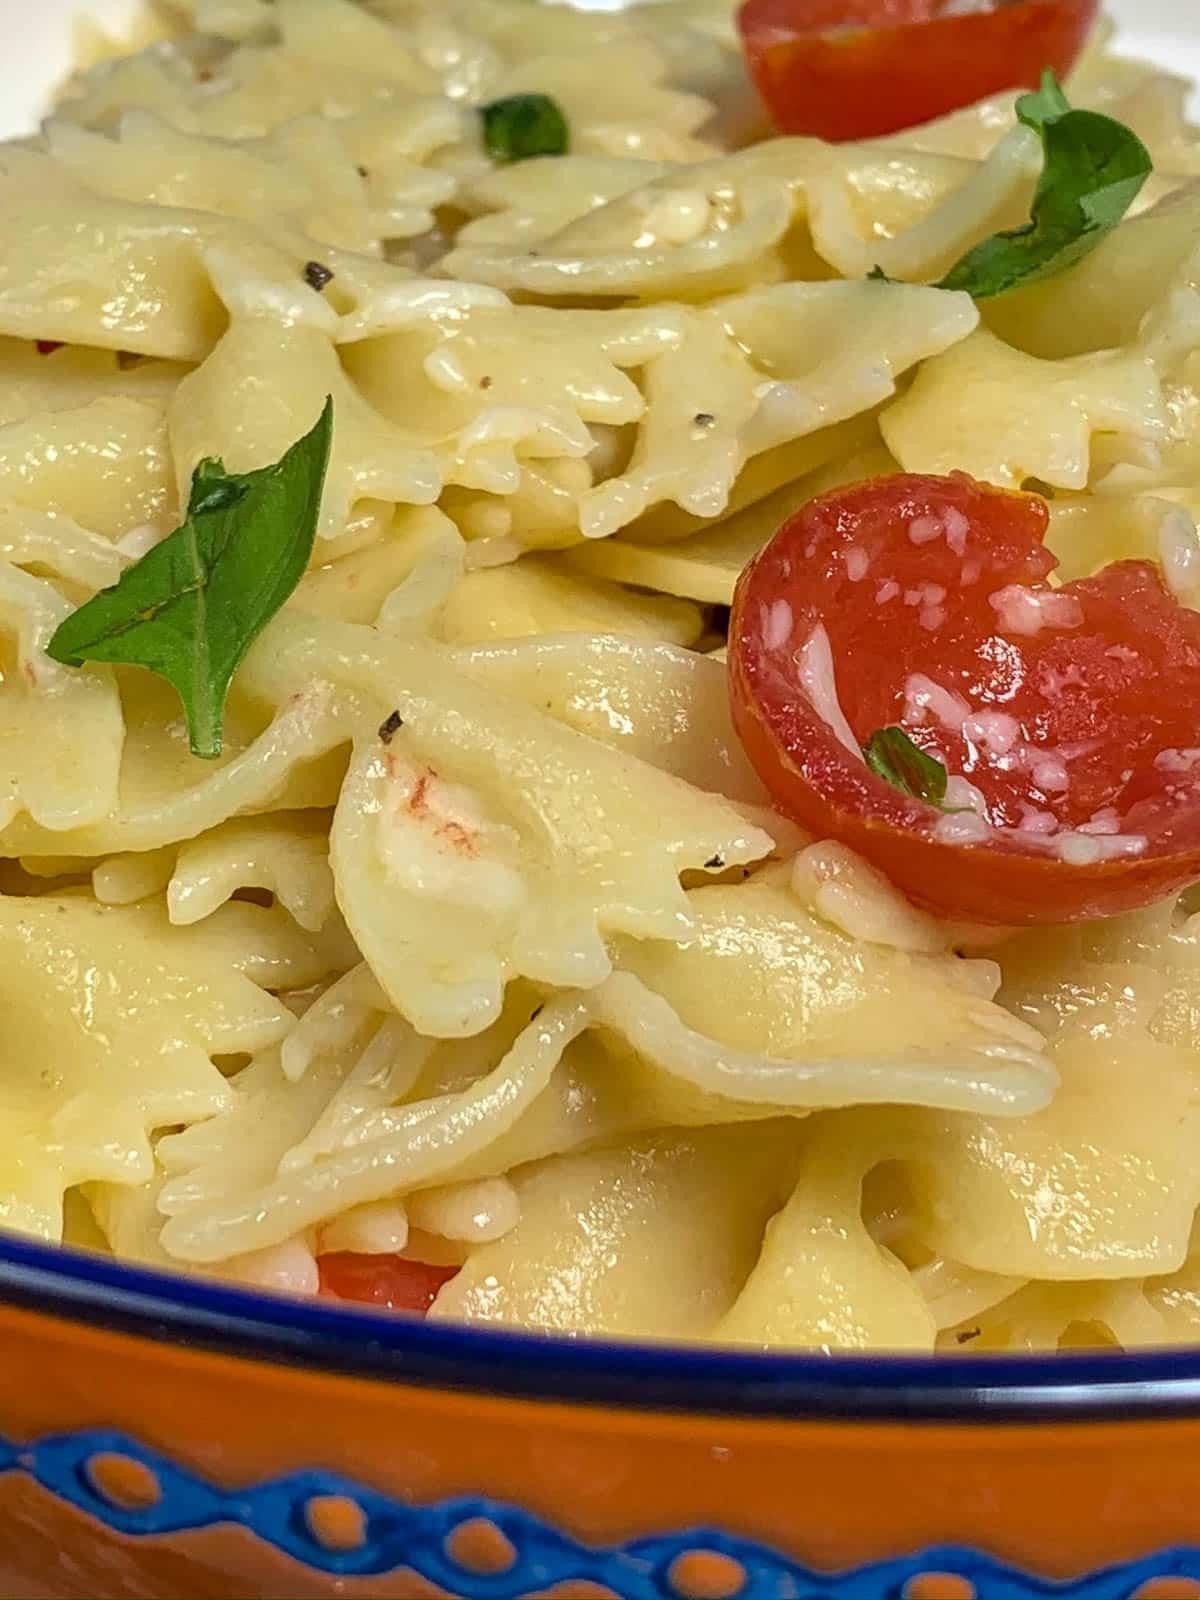 closeup view of pasta dish